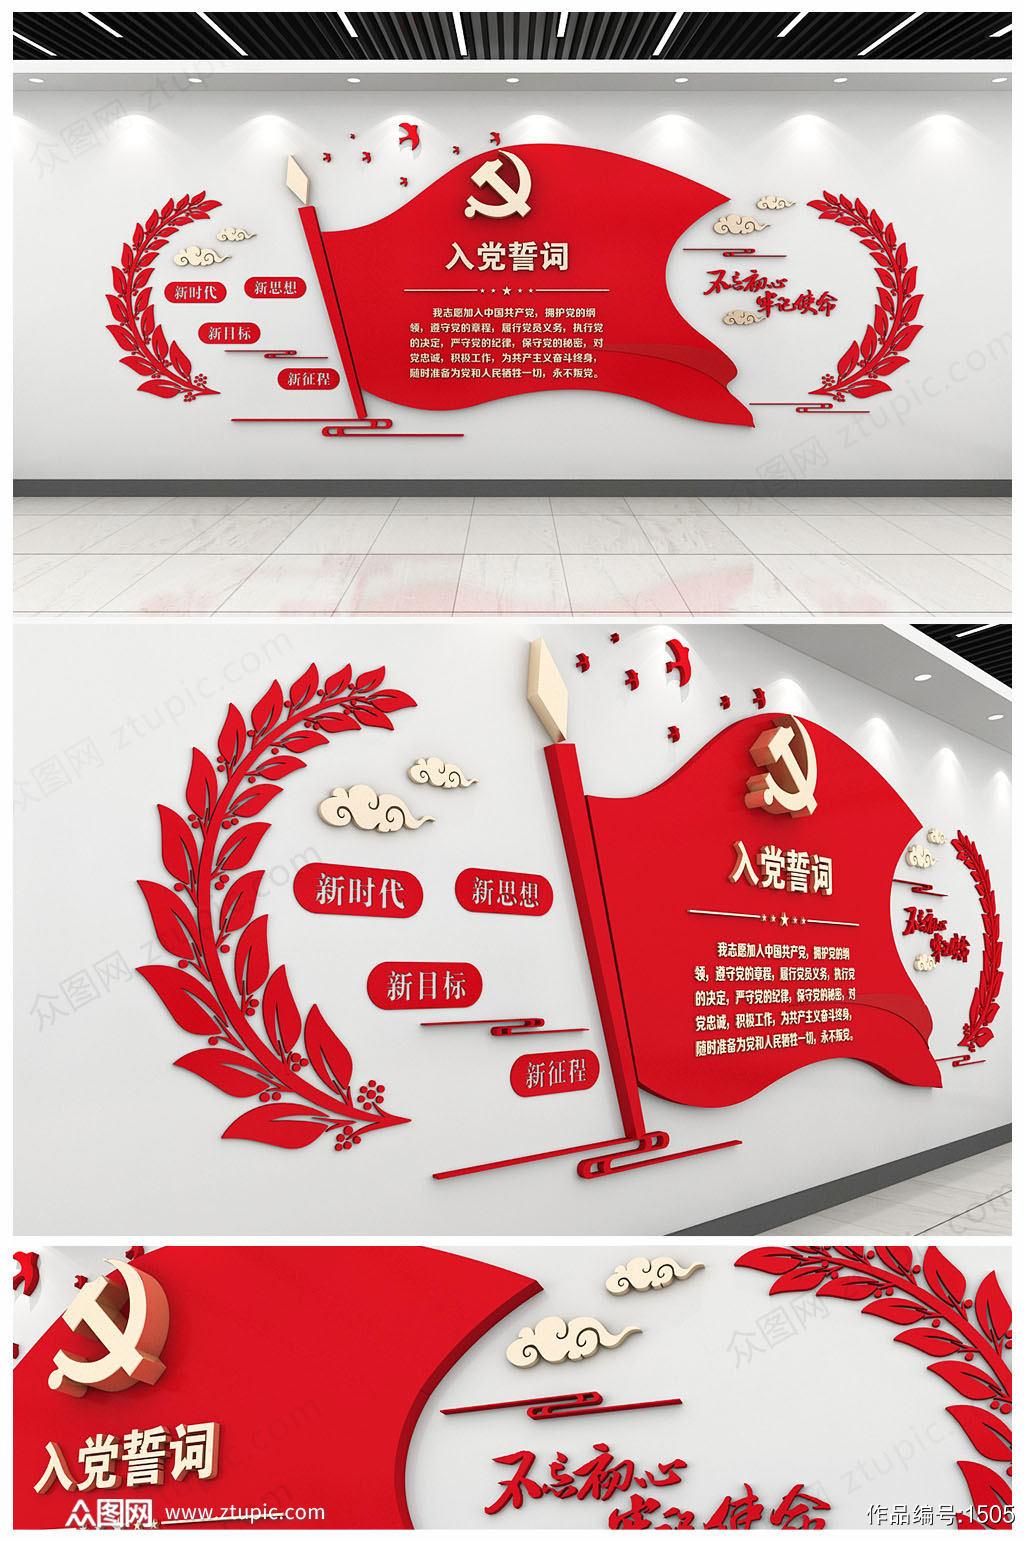 红色创意党旗及入党誓词文化墙设计素材素材